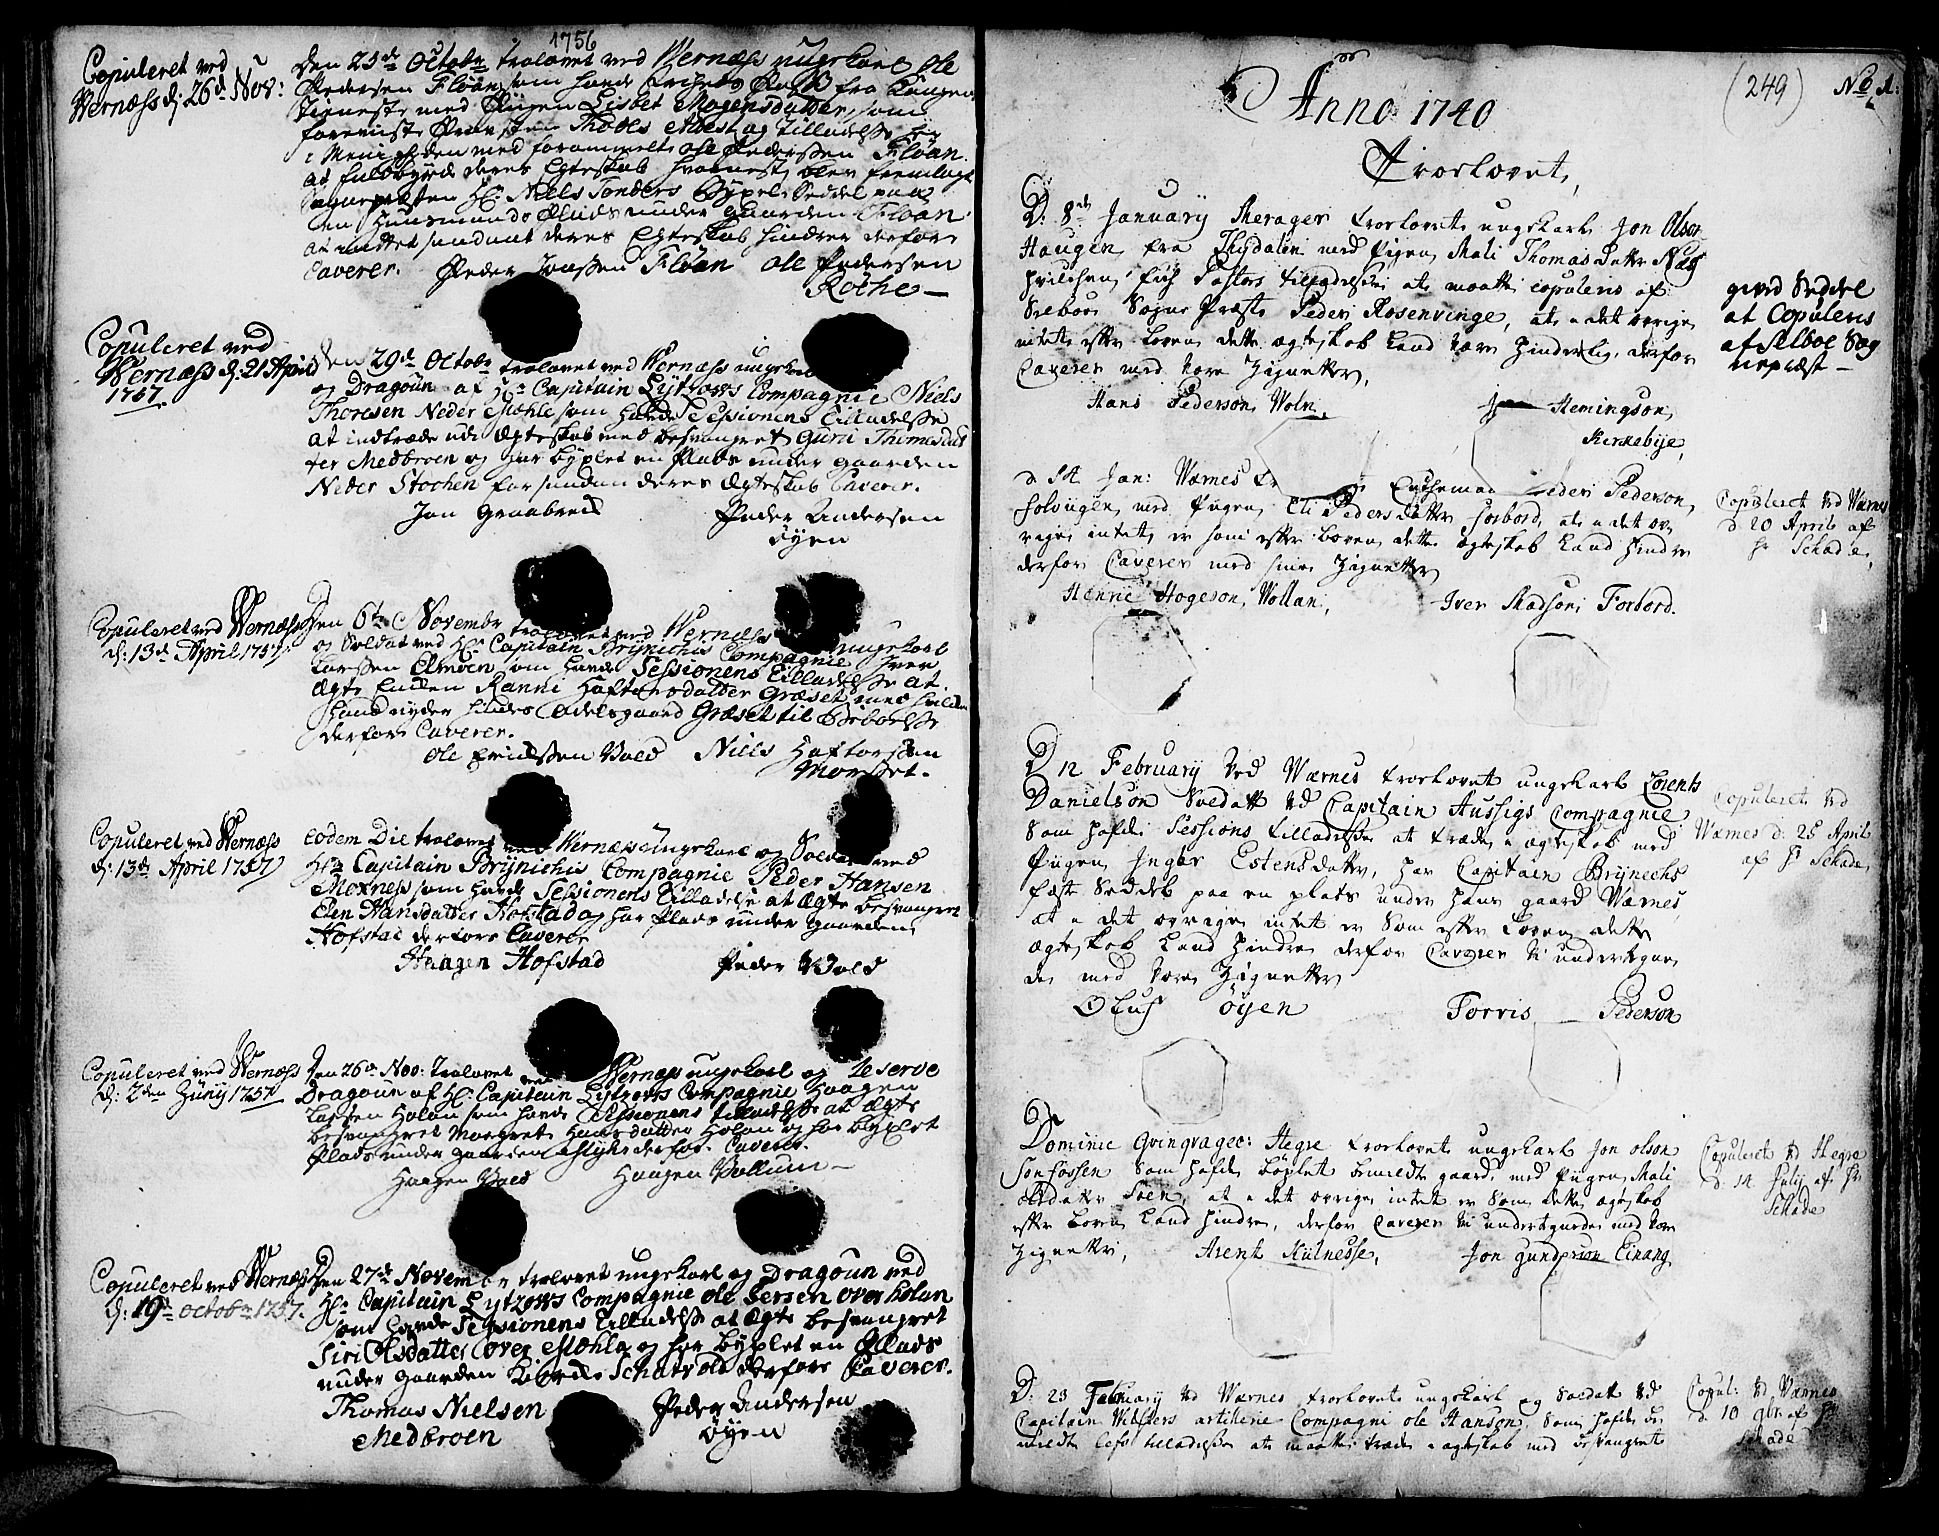 SAT, Ministerialprotokoller, klokkerbøker og fødselsregistre - Nord-Trøndelag, 709/L0056: Ministerialbok nr. 709A04, 1740-1756, s. 249